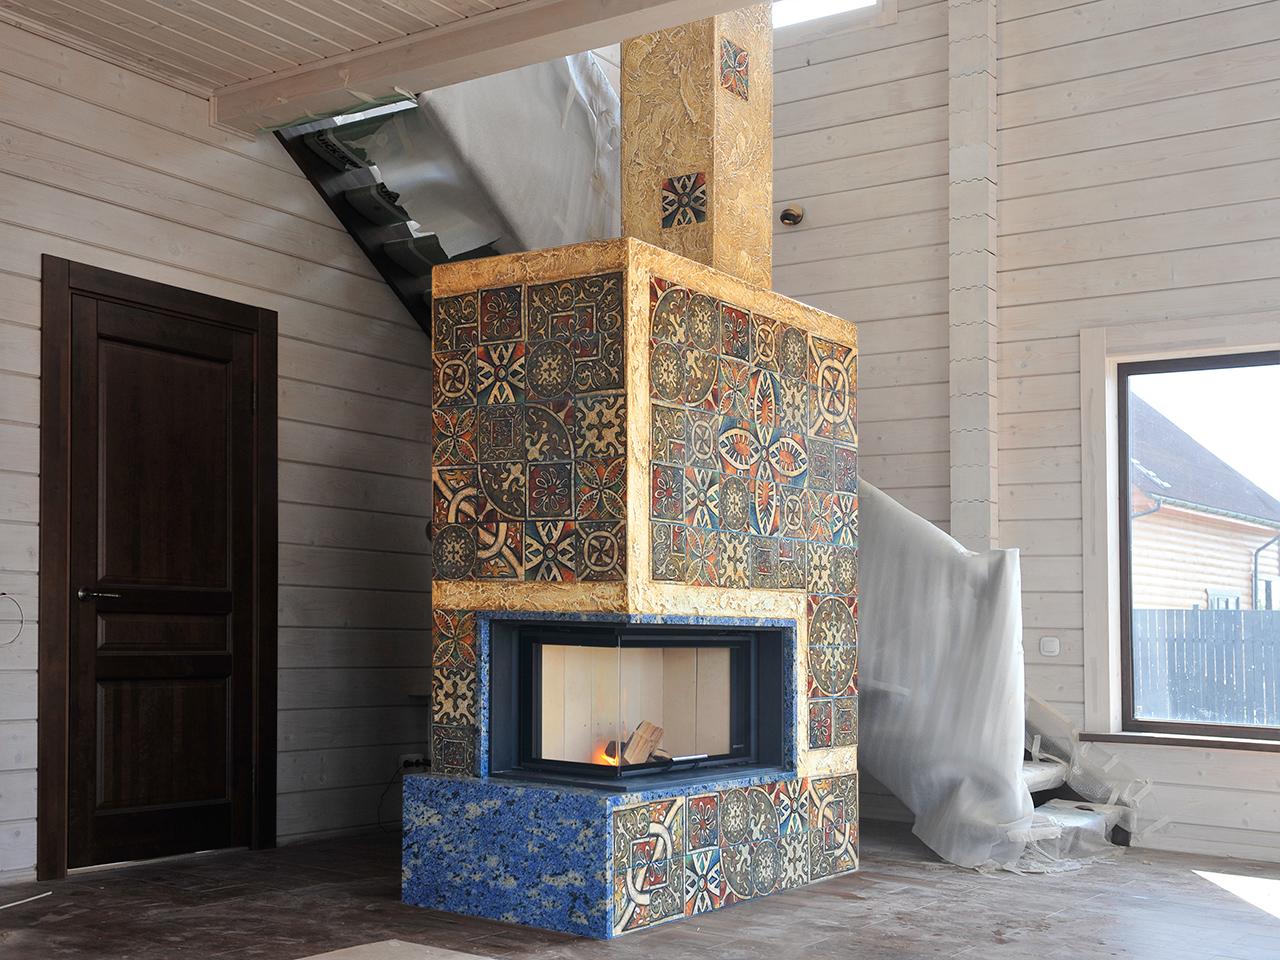 Угловой камин с облицовкой плиткой от Альмод